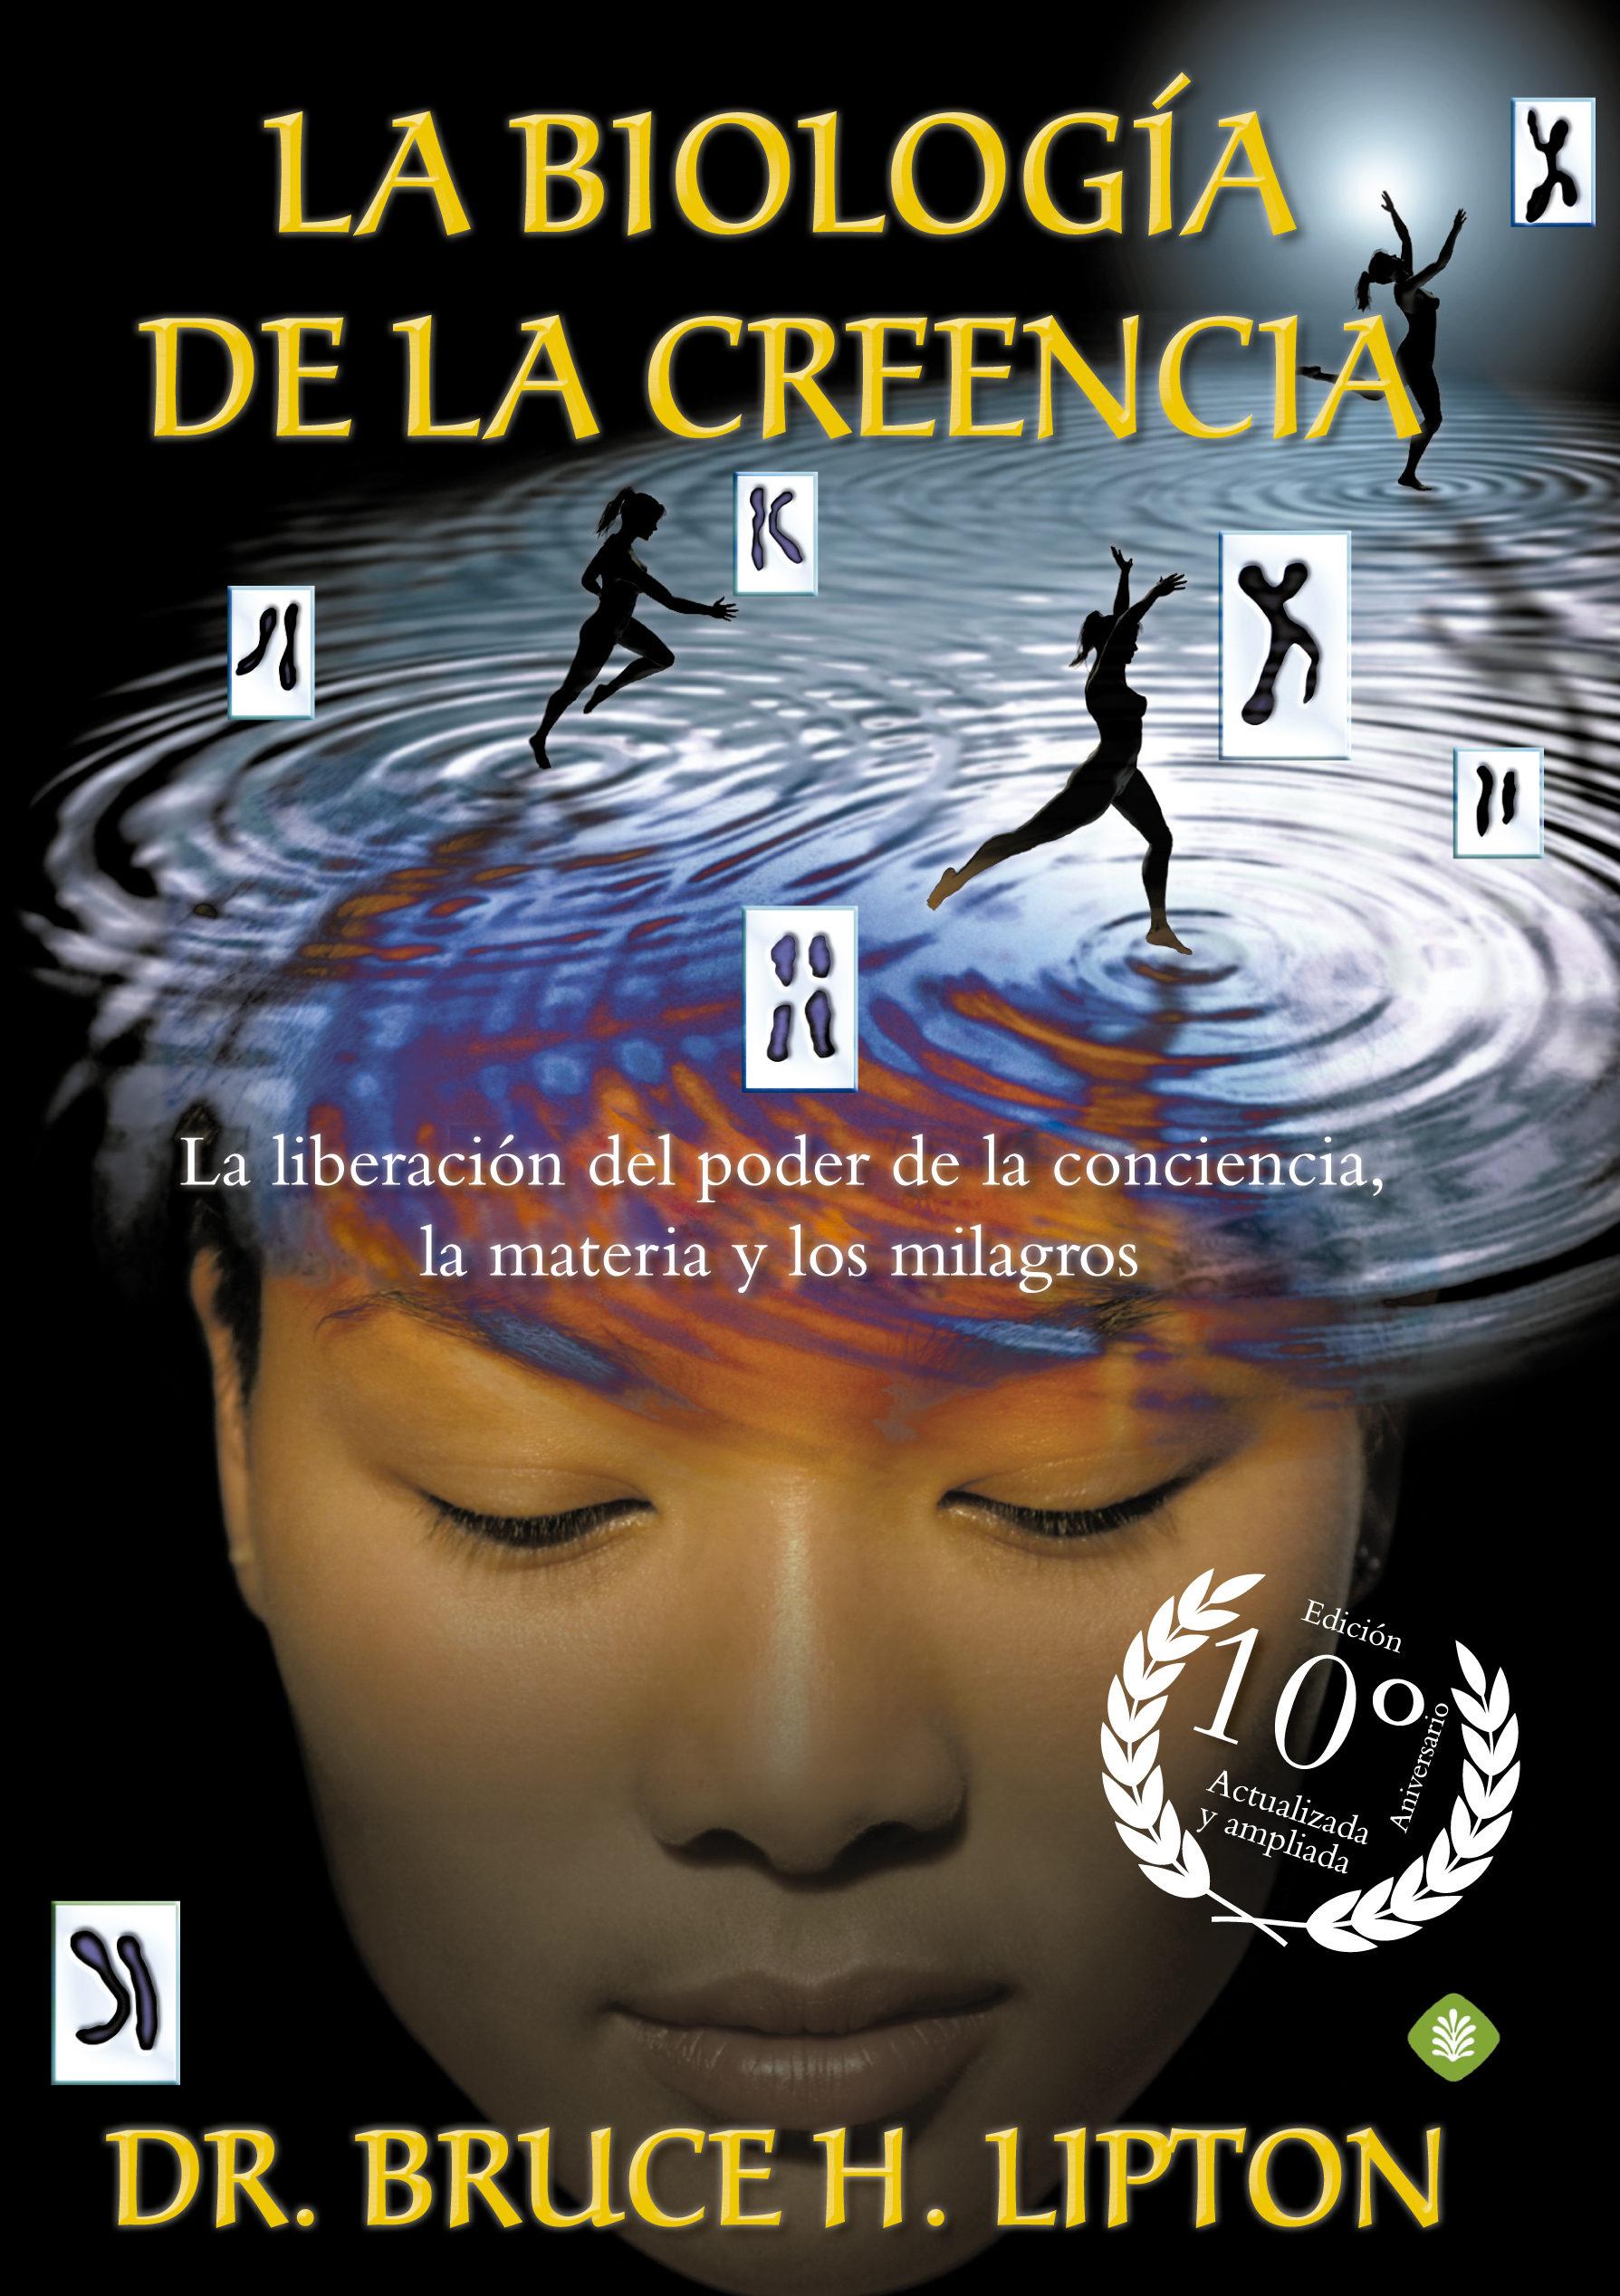 La Biología de la Creencia: La Liberación del Poder de la Conciencia, la Materia y los Milagros - Bruce H. Lipton - La Esfera De Los Libros